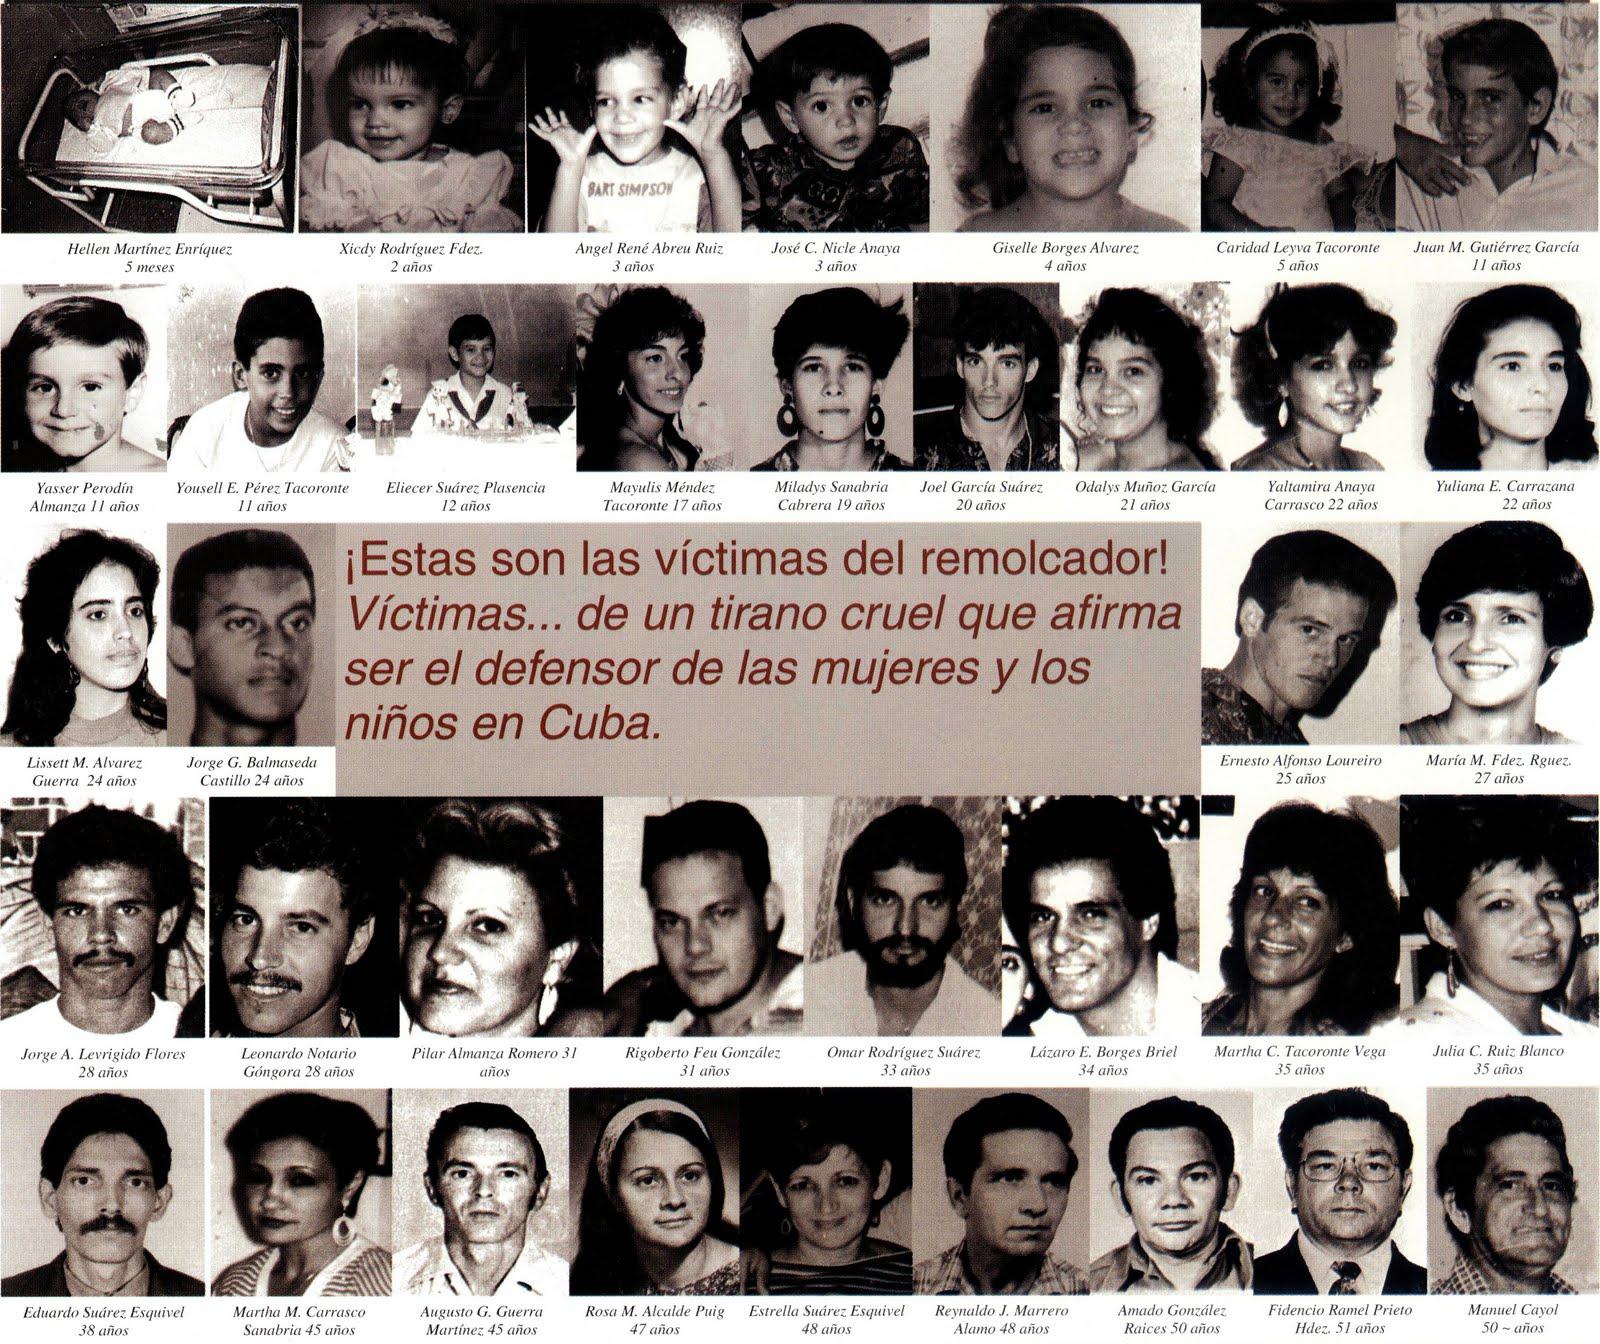 κάποια θύματα